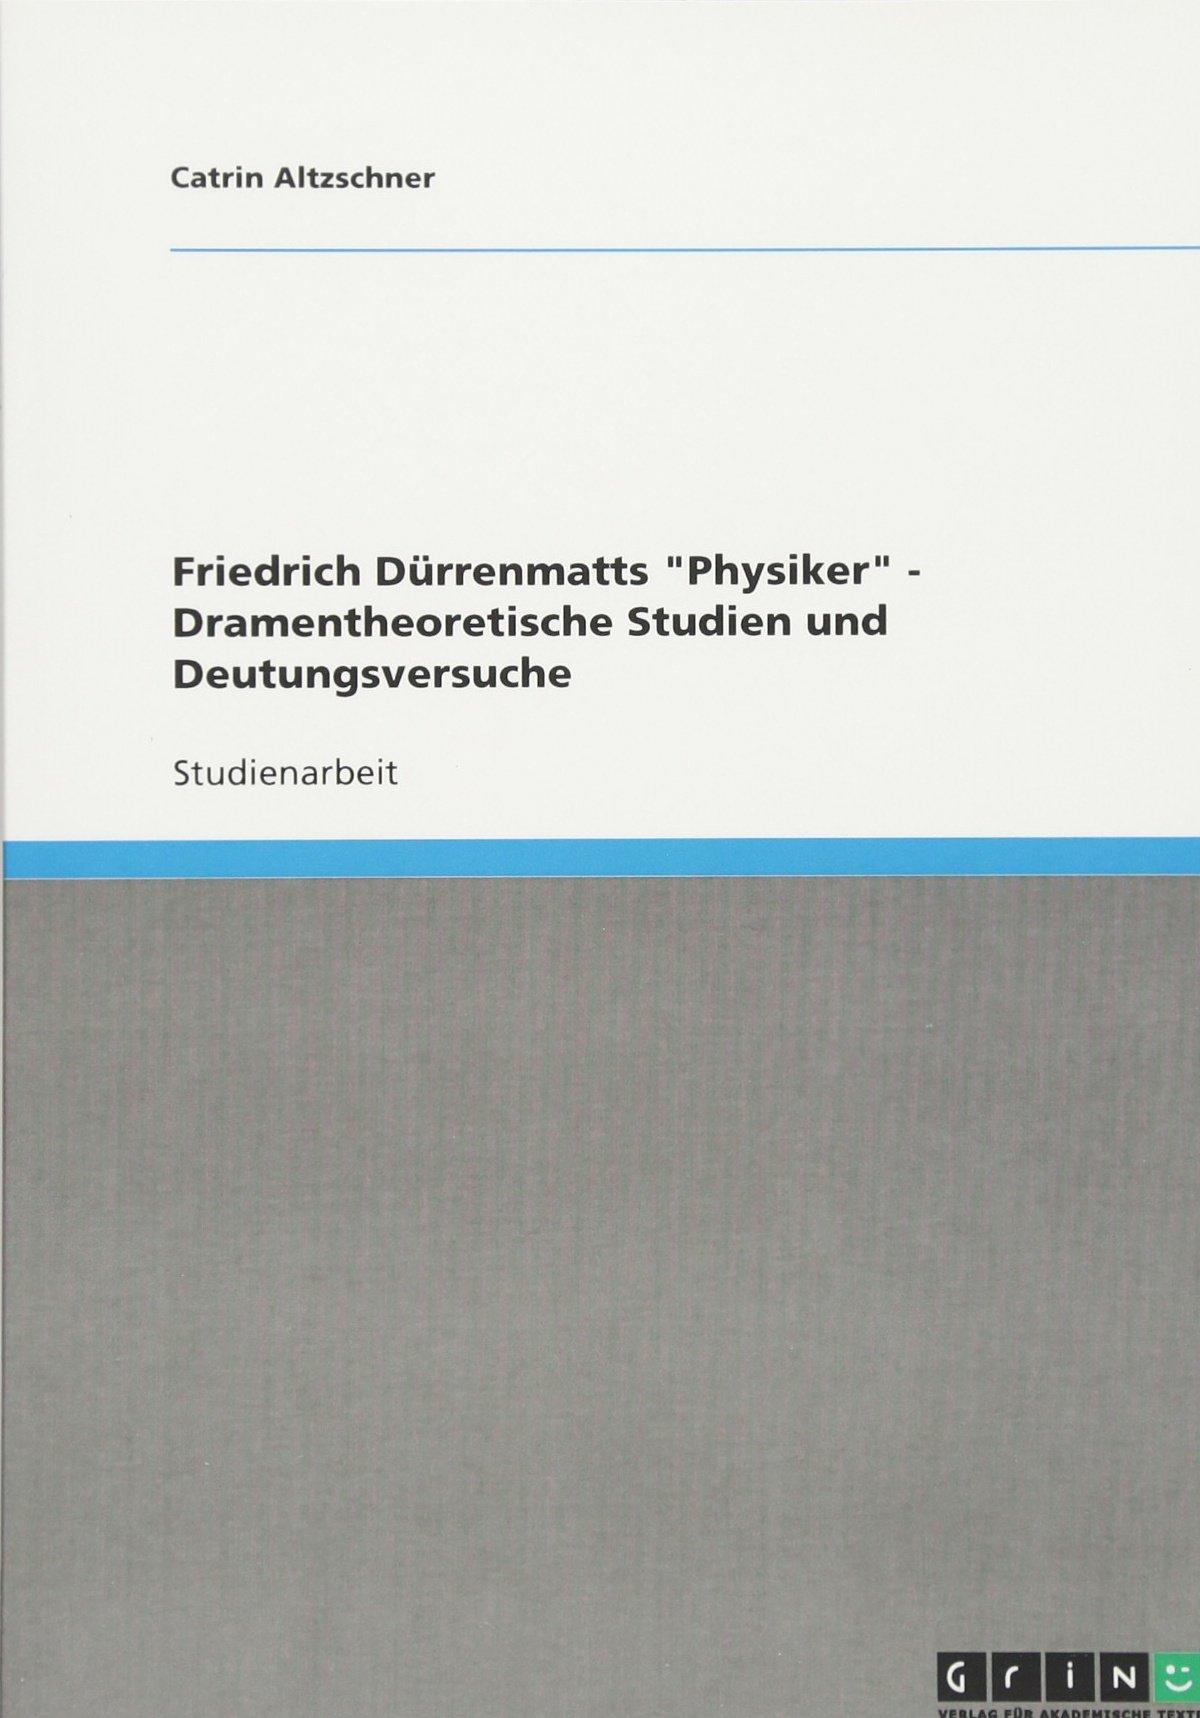 Friedrich Dürrenmatts Physiker - Dramentheoretische Studien und Deutungsversuche